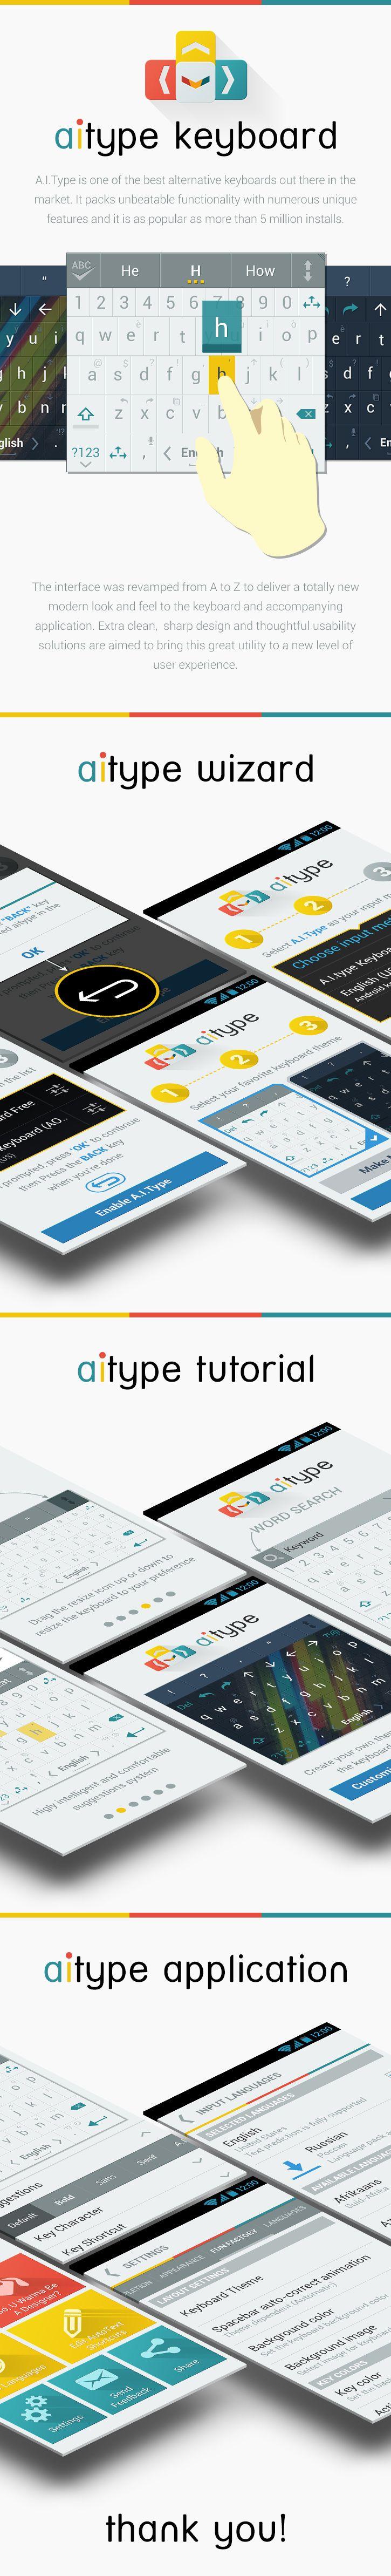 Aitype_presentation